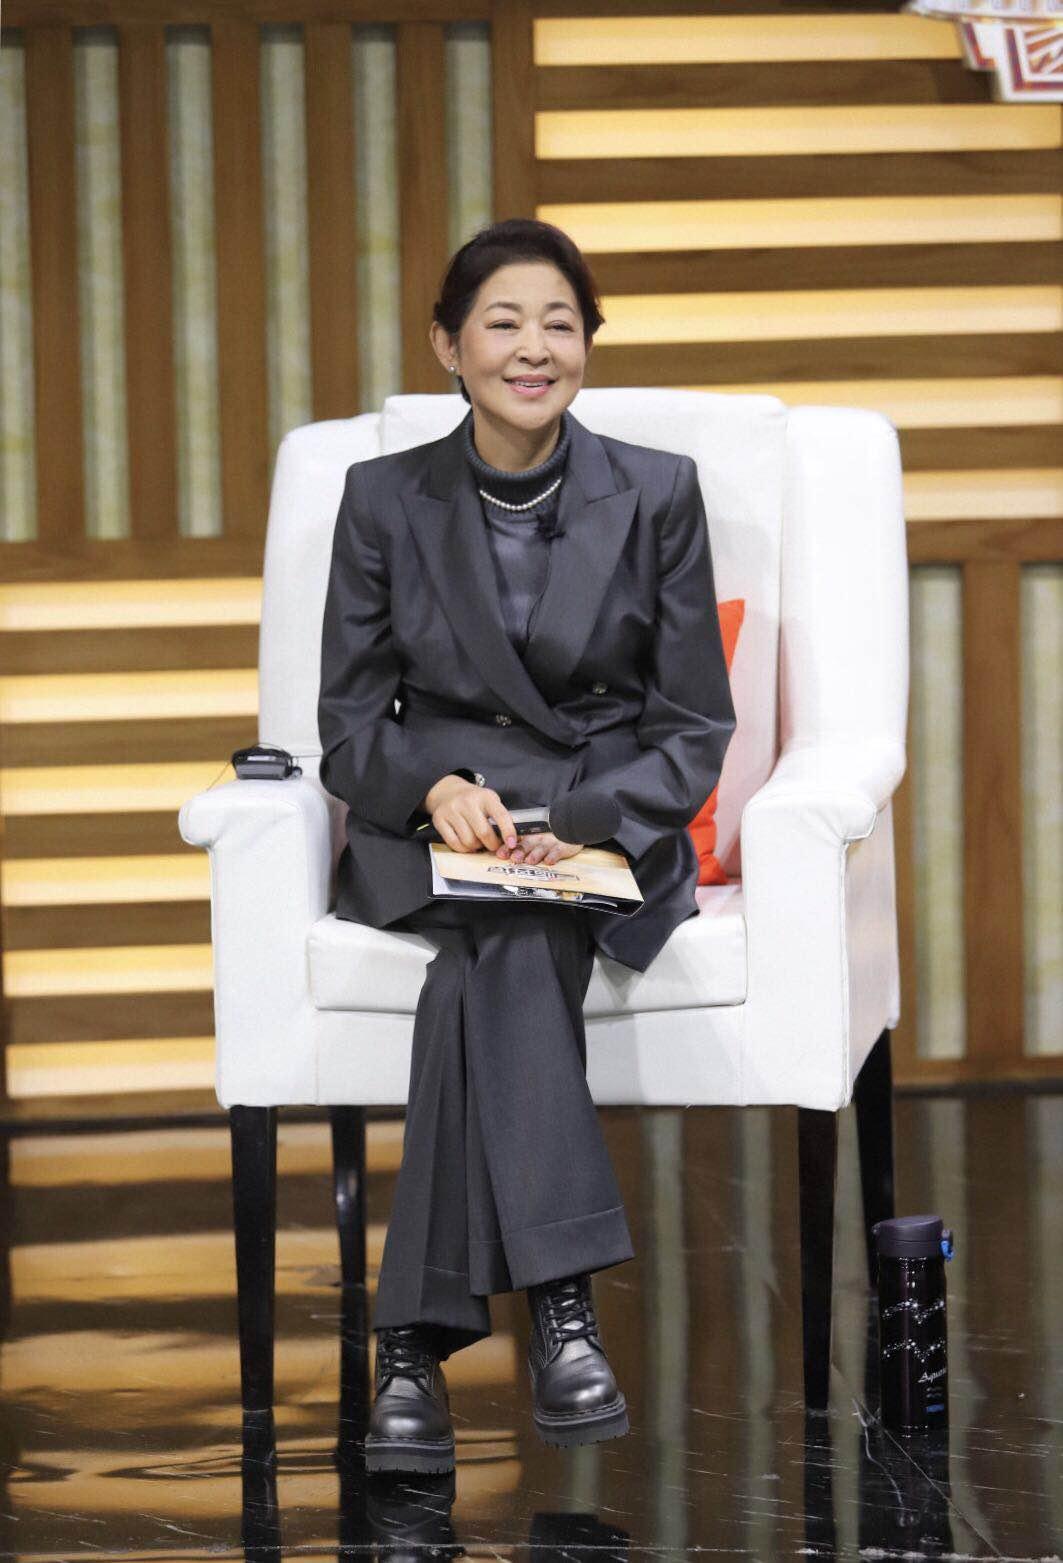 倪萍瘦身后现身机场,一套风衣阔腿裤的气质穿搭,60岁高调美回来